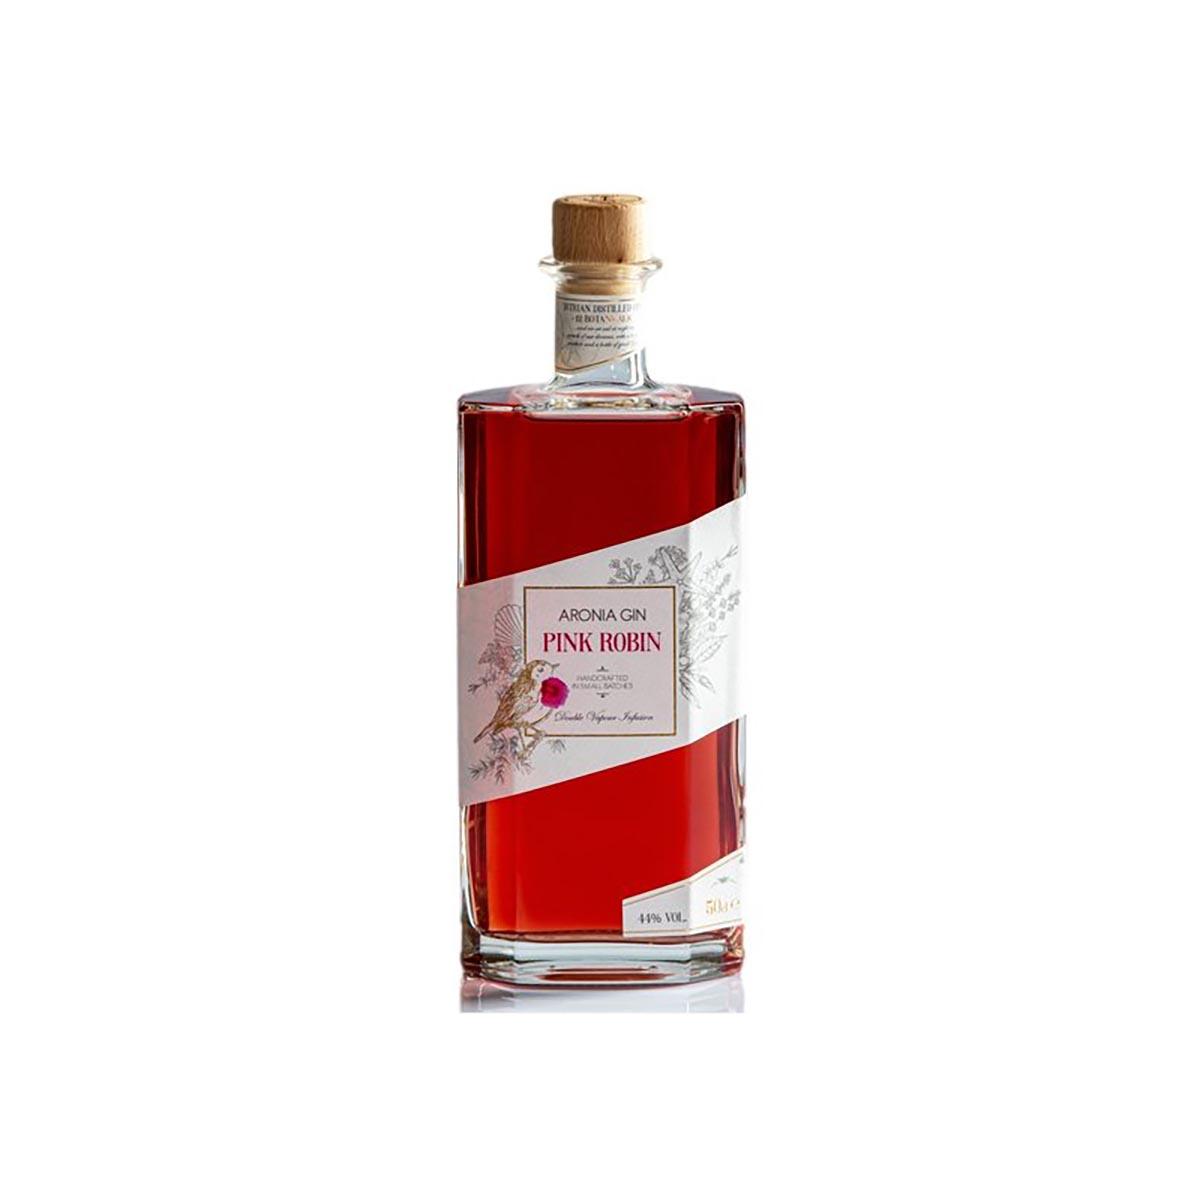 Aronia Gin Pink Robin